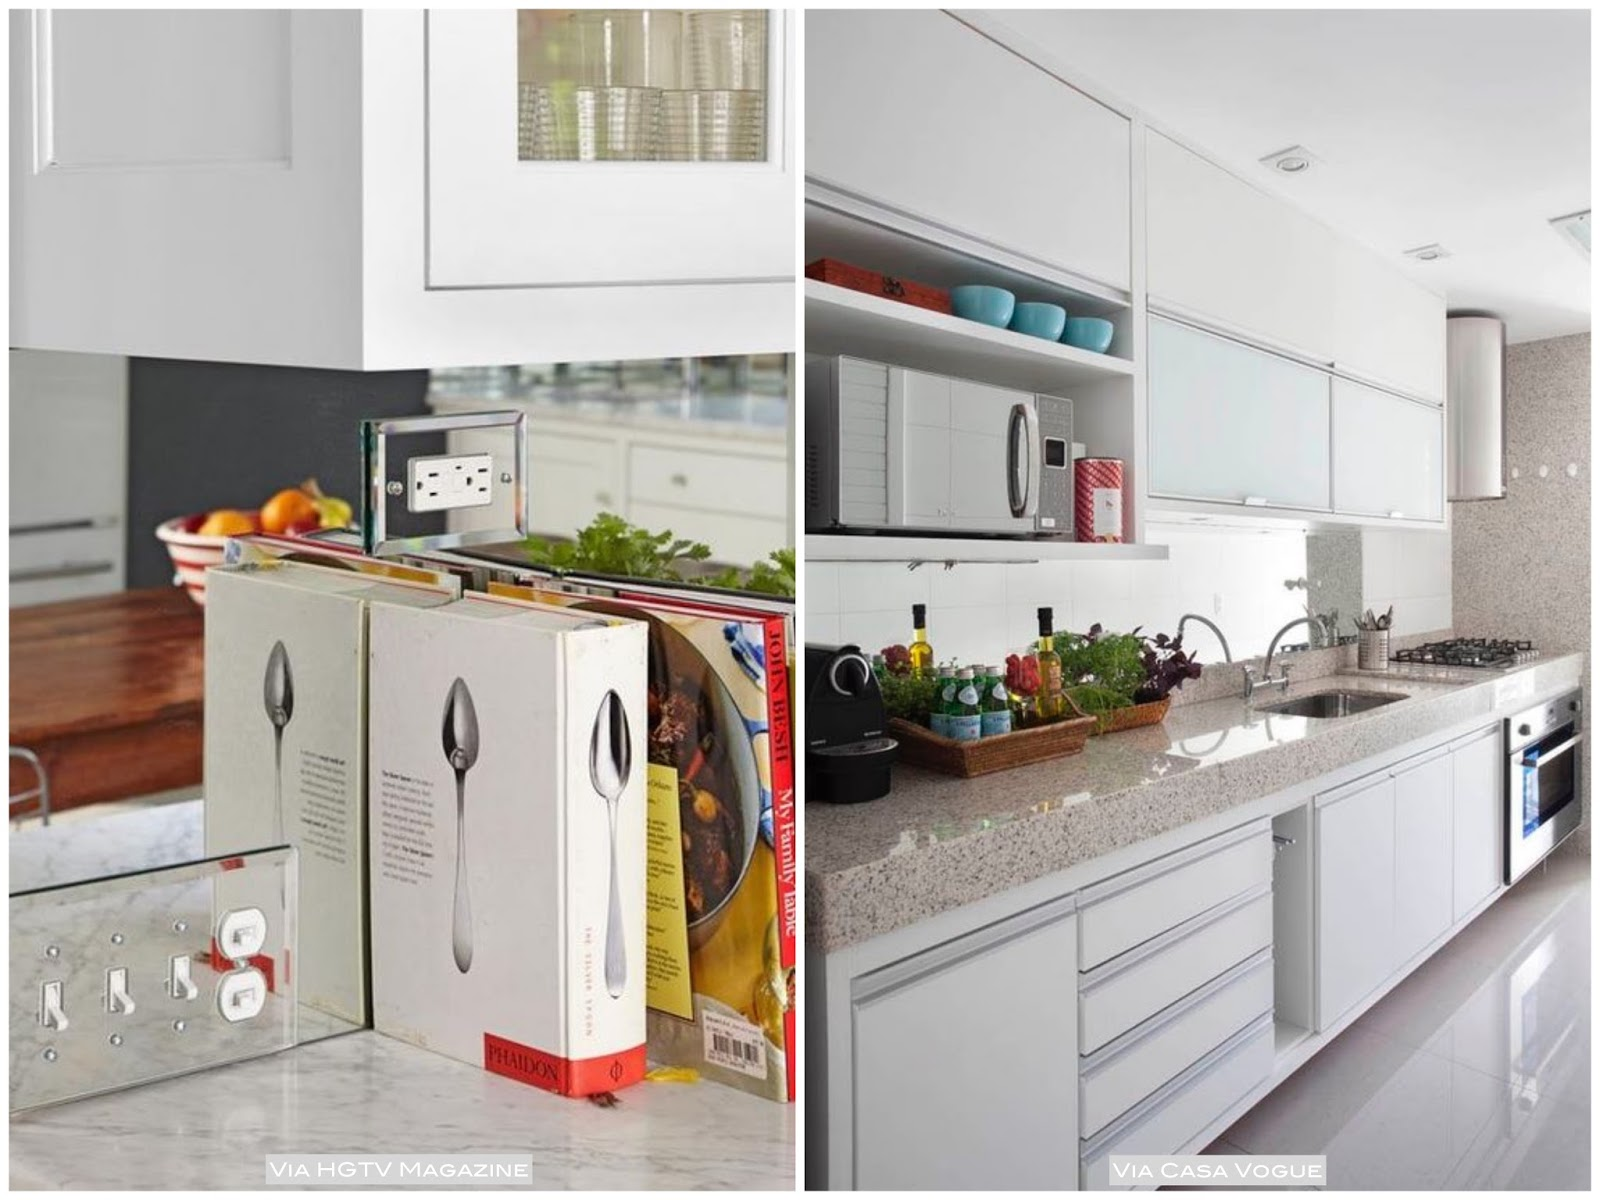 Cozinha Pequena De Luxo Projeto De Cozinha Integrada Tipo Gourmet